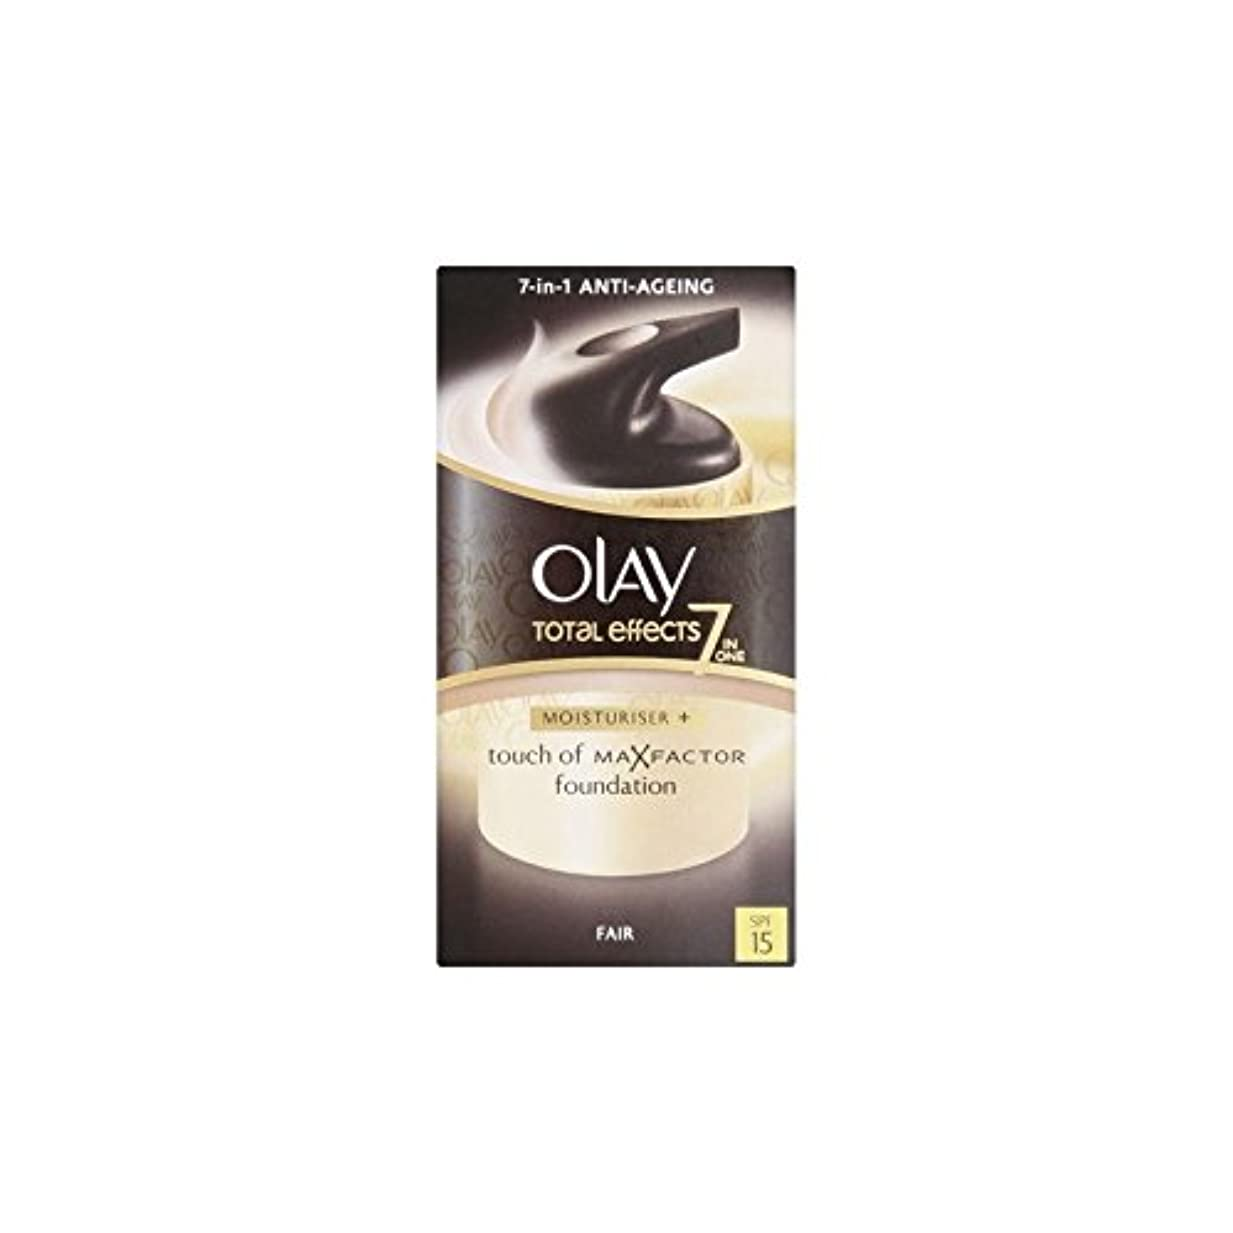 スモッグクーポン差オーレイトータルエフェクト保湿クリーム15 - フェア(50ミリリットル) x2 - Olay Total Effects Moisturiser Bb Cream Spf15 - Fair (50ml) (Pack of...